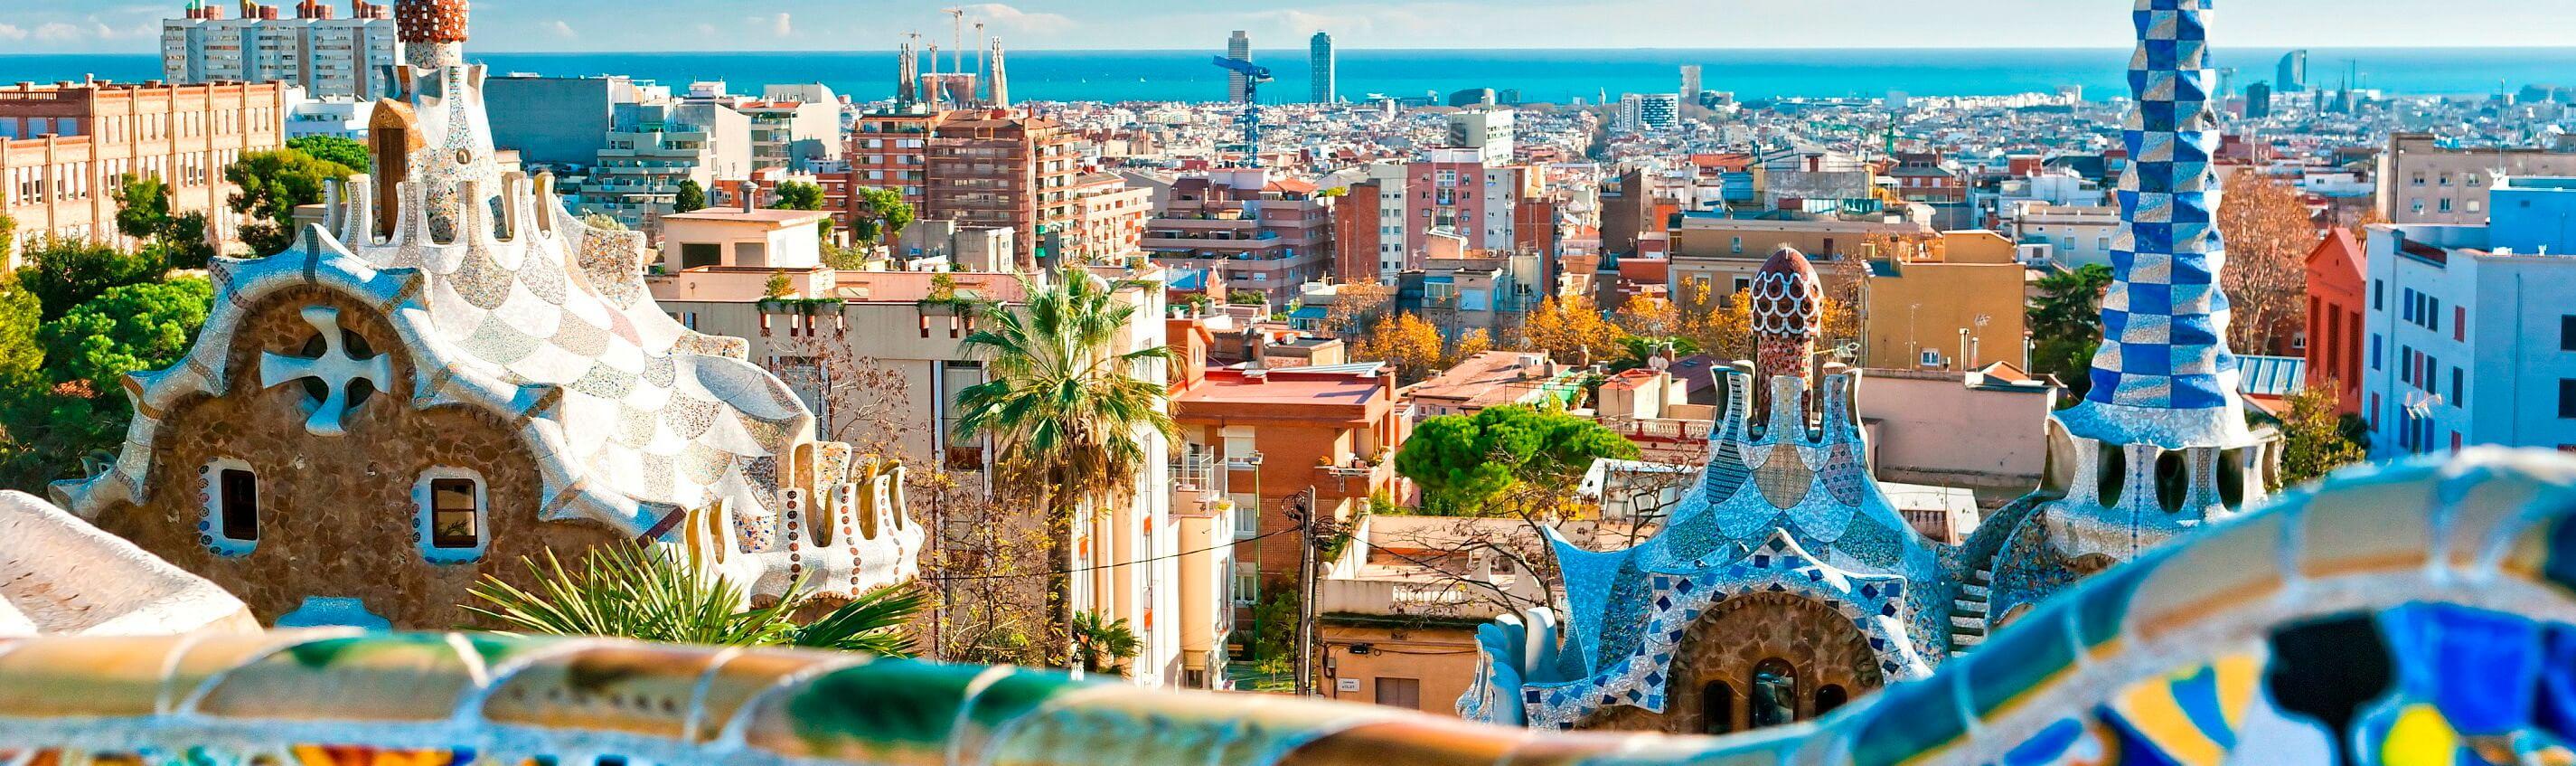 Φθηνές πτήσεις από Βαρκελώνη